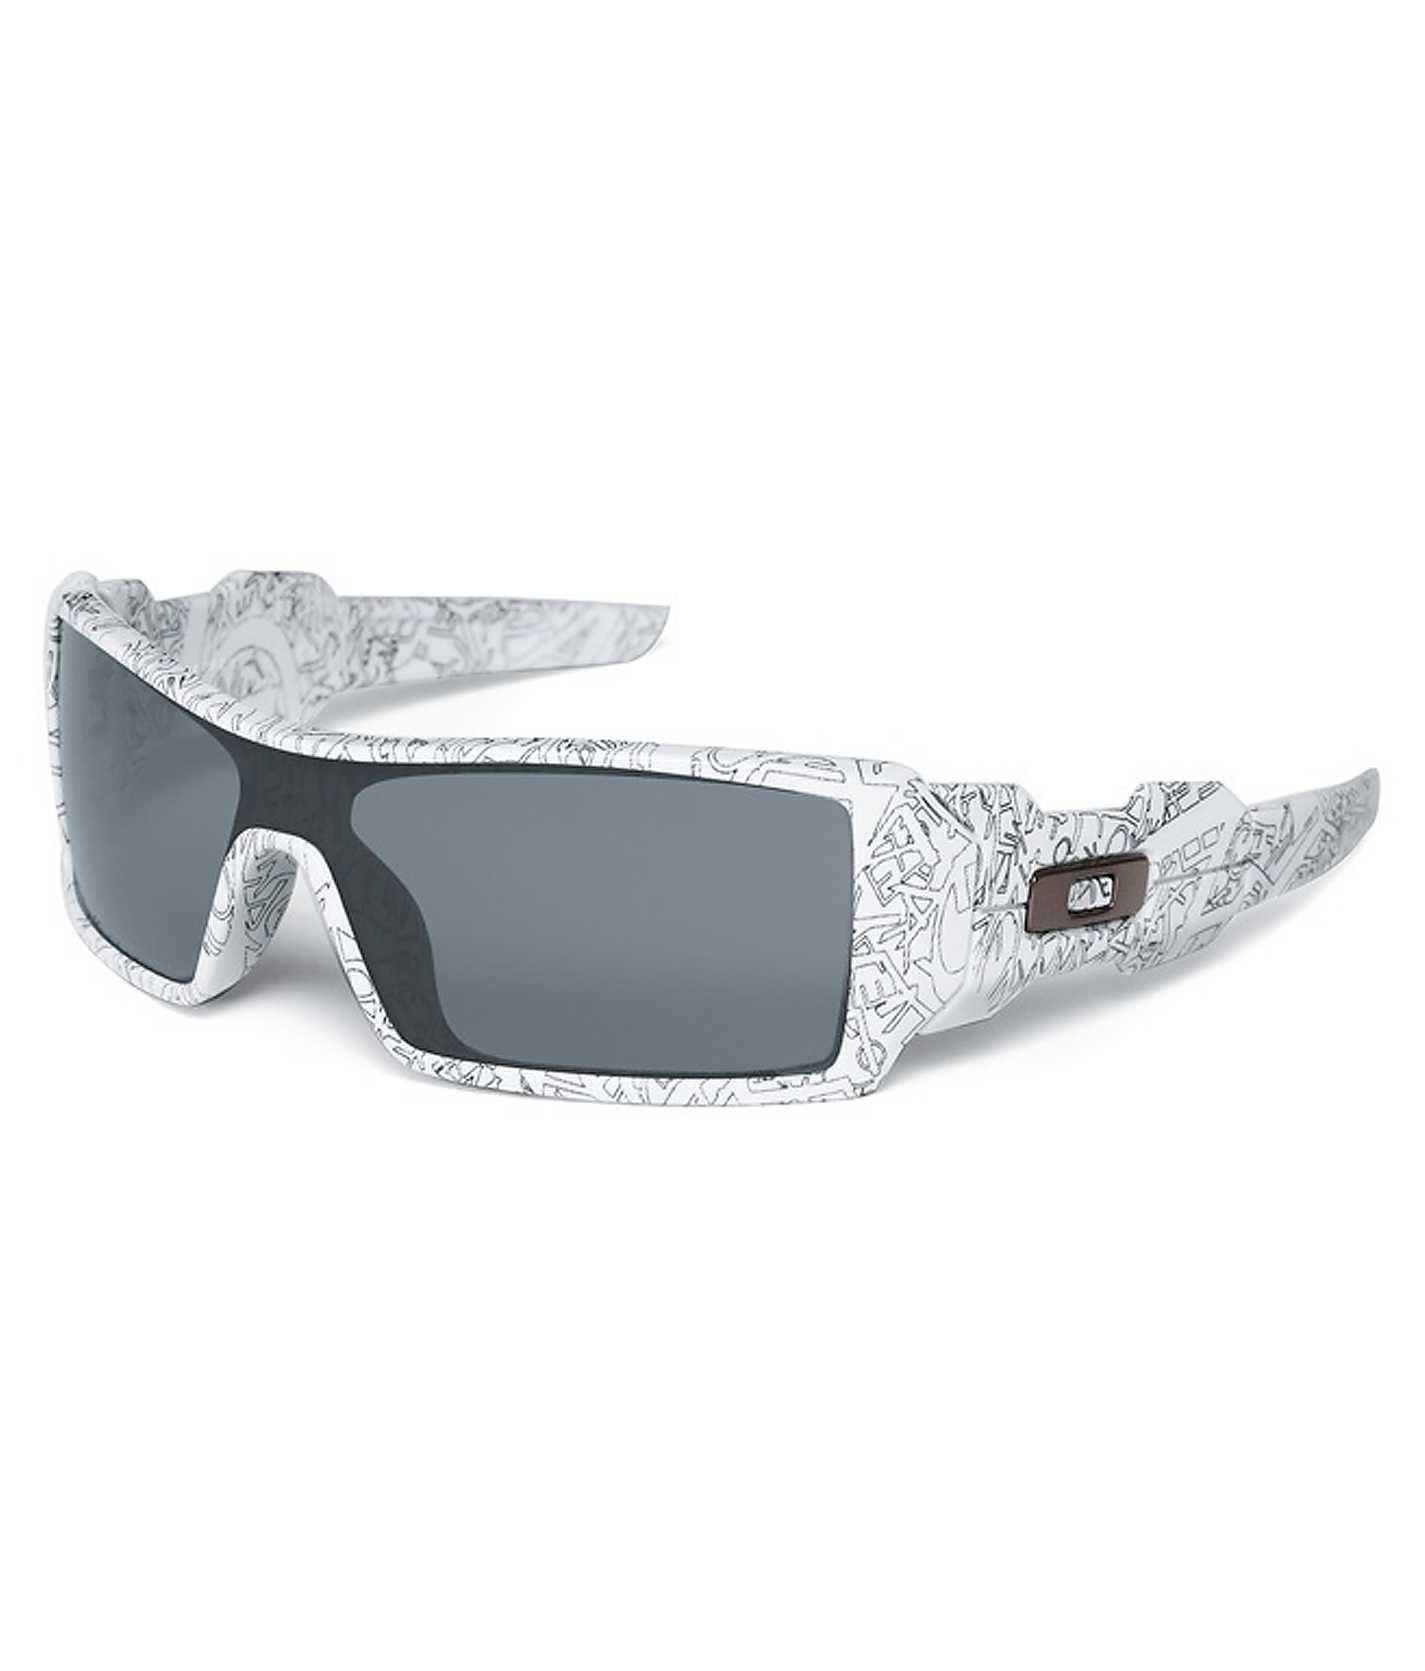 04b466b311e Oakley Oil Rig Sunglasses - Men s Accessories